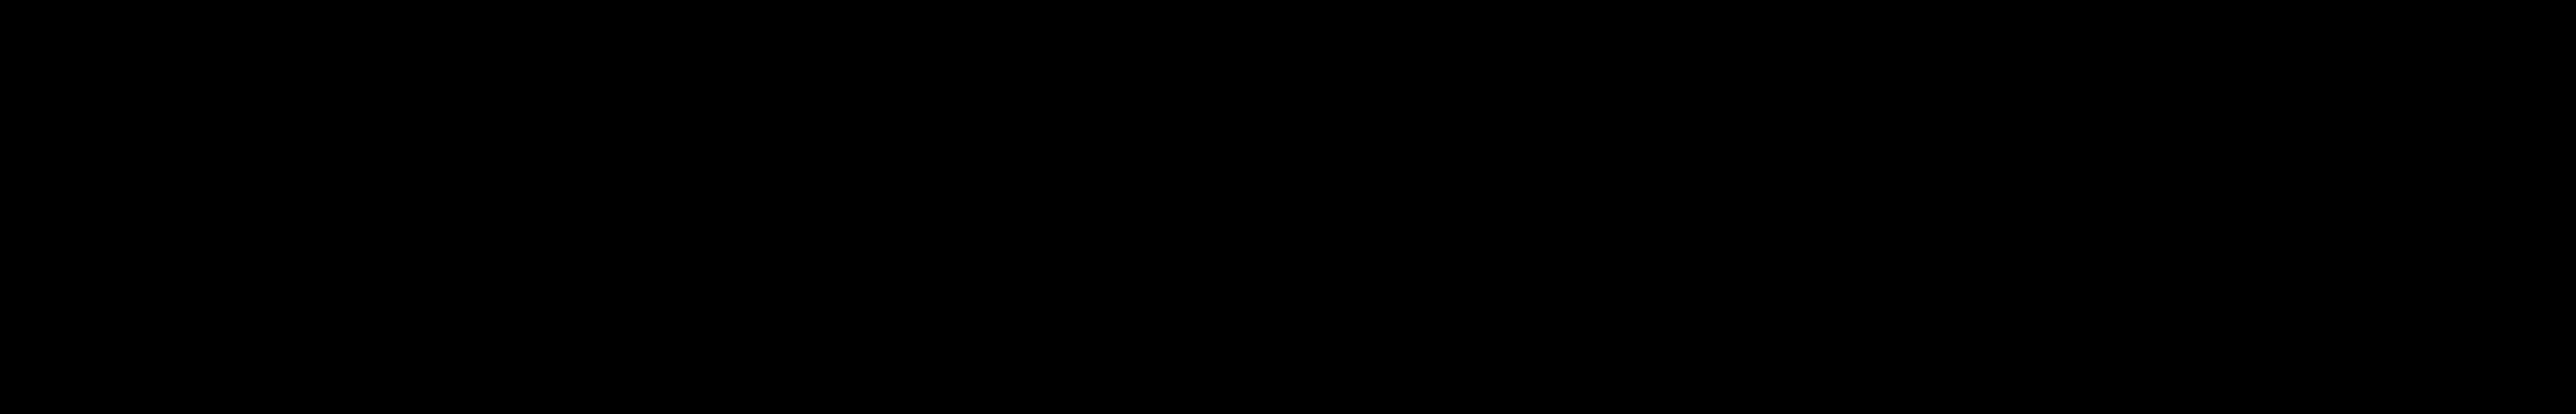 Algorithmique, suite géométrique, première